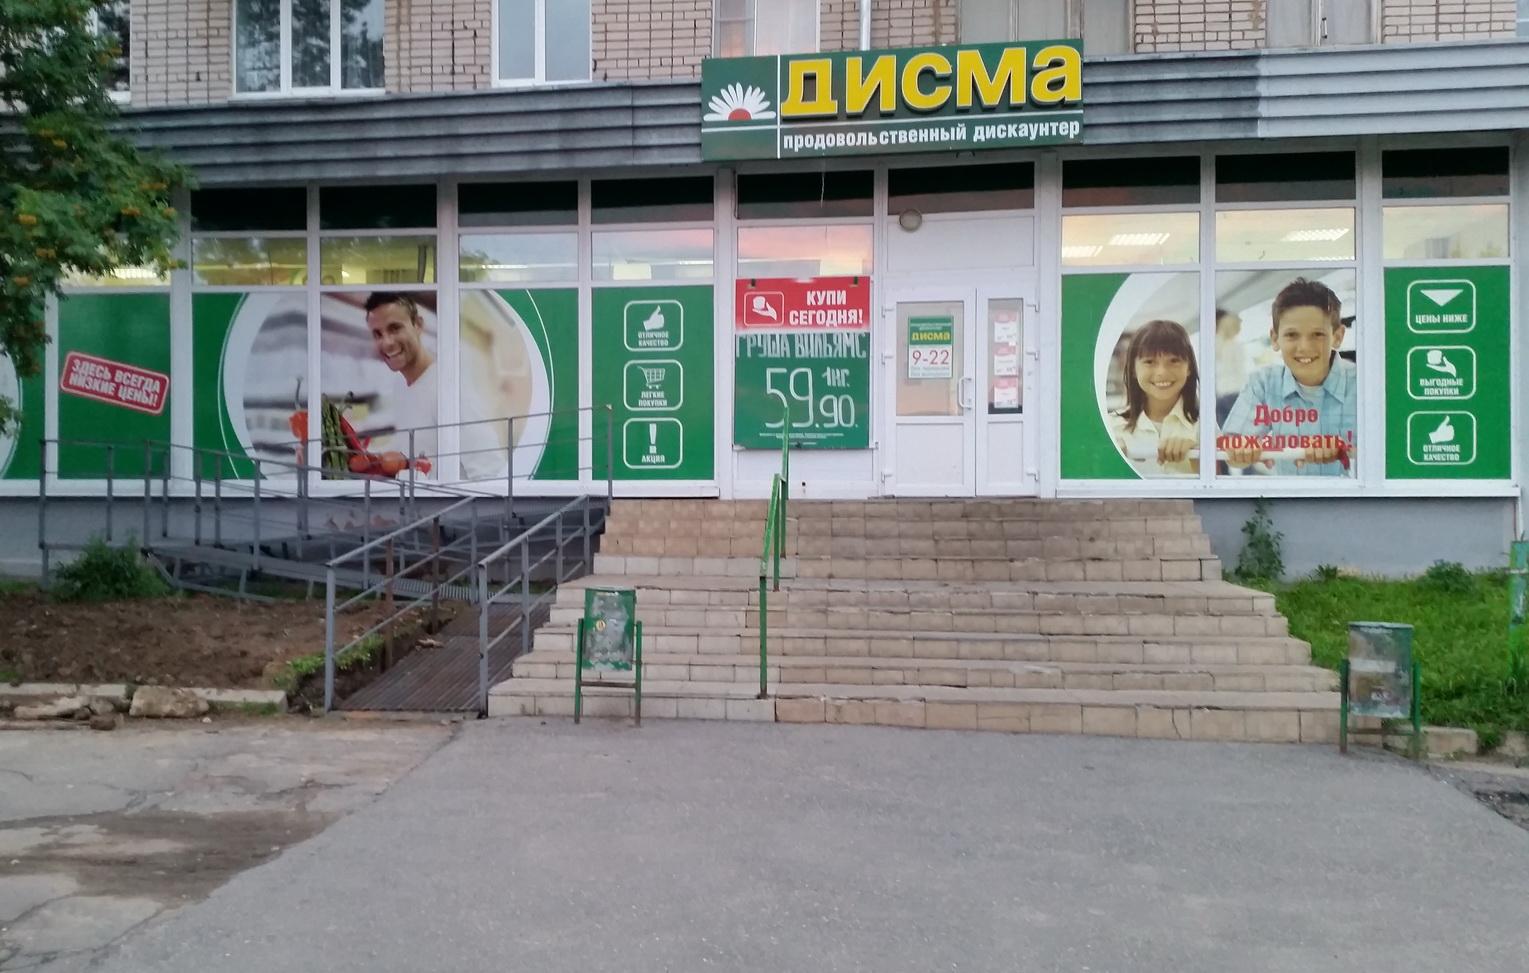 Инвалиды-колясочники в поселке Молочное «отвоевали» для себя пандус в магазине «Дисма»